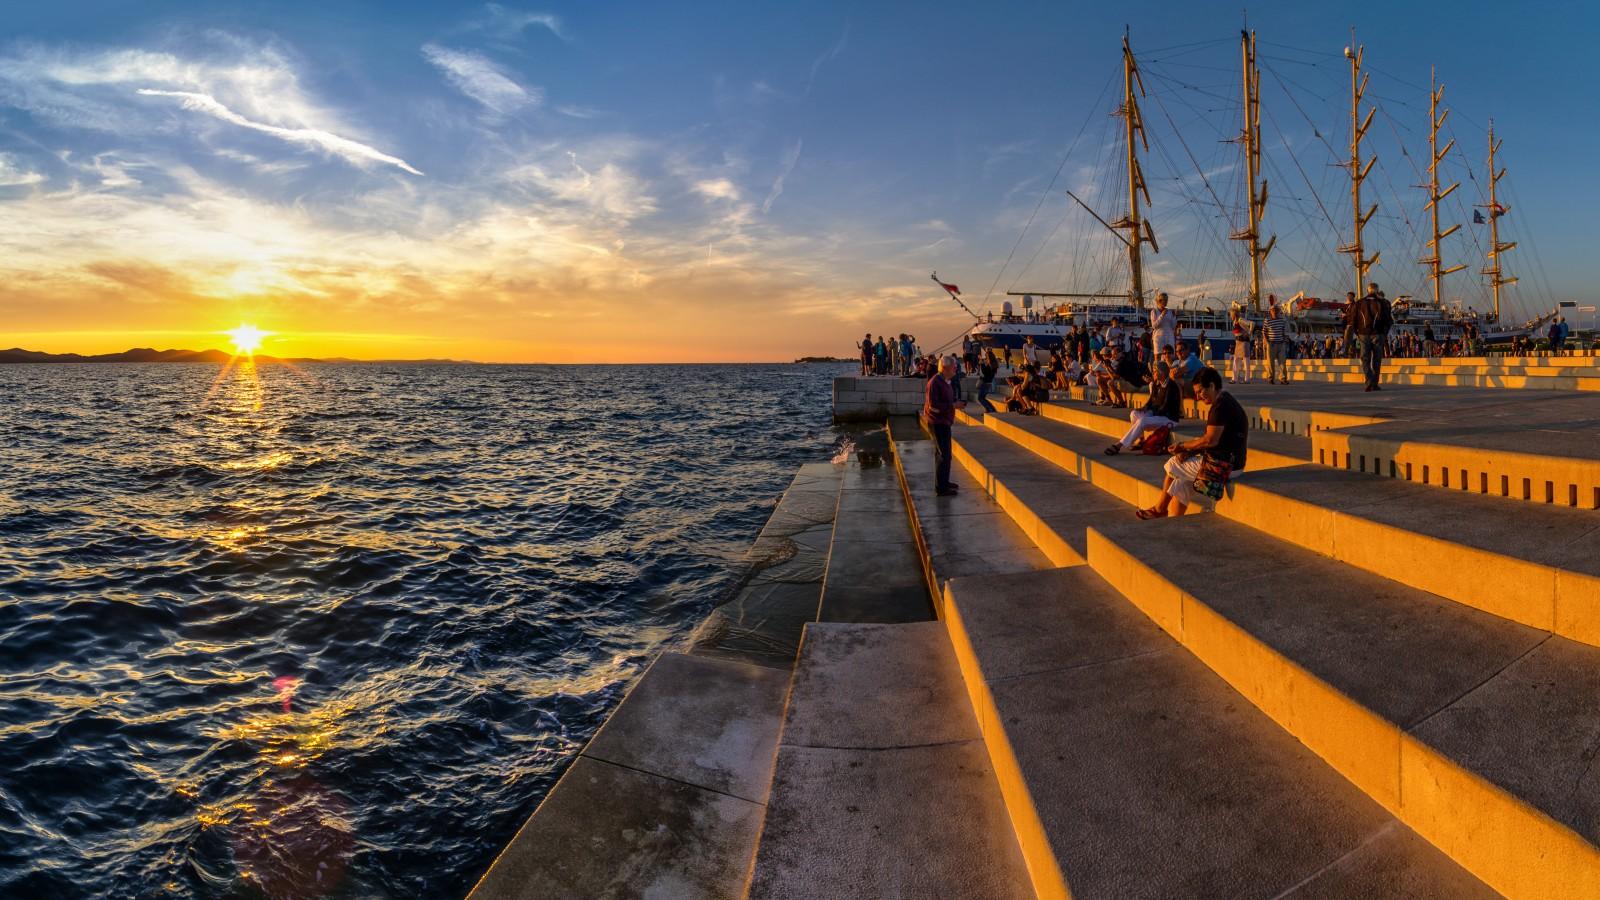 Die Meeresorgel ist nur eines der vielen Highlights der Region Zadar. In die Stufen der Uferpromenade ist ein System aus Flöten und Pfeifen eingelassen, das ankommende Wellen in eine natürliche Melodie verwandelt. Bild: Ivan Čorić